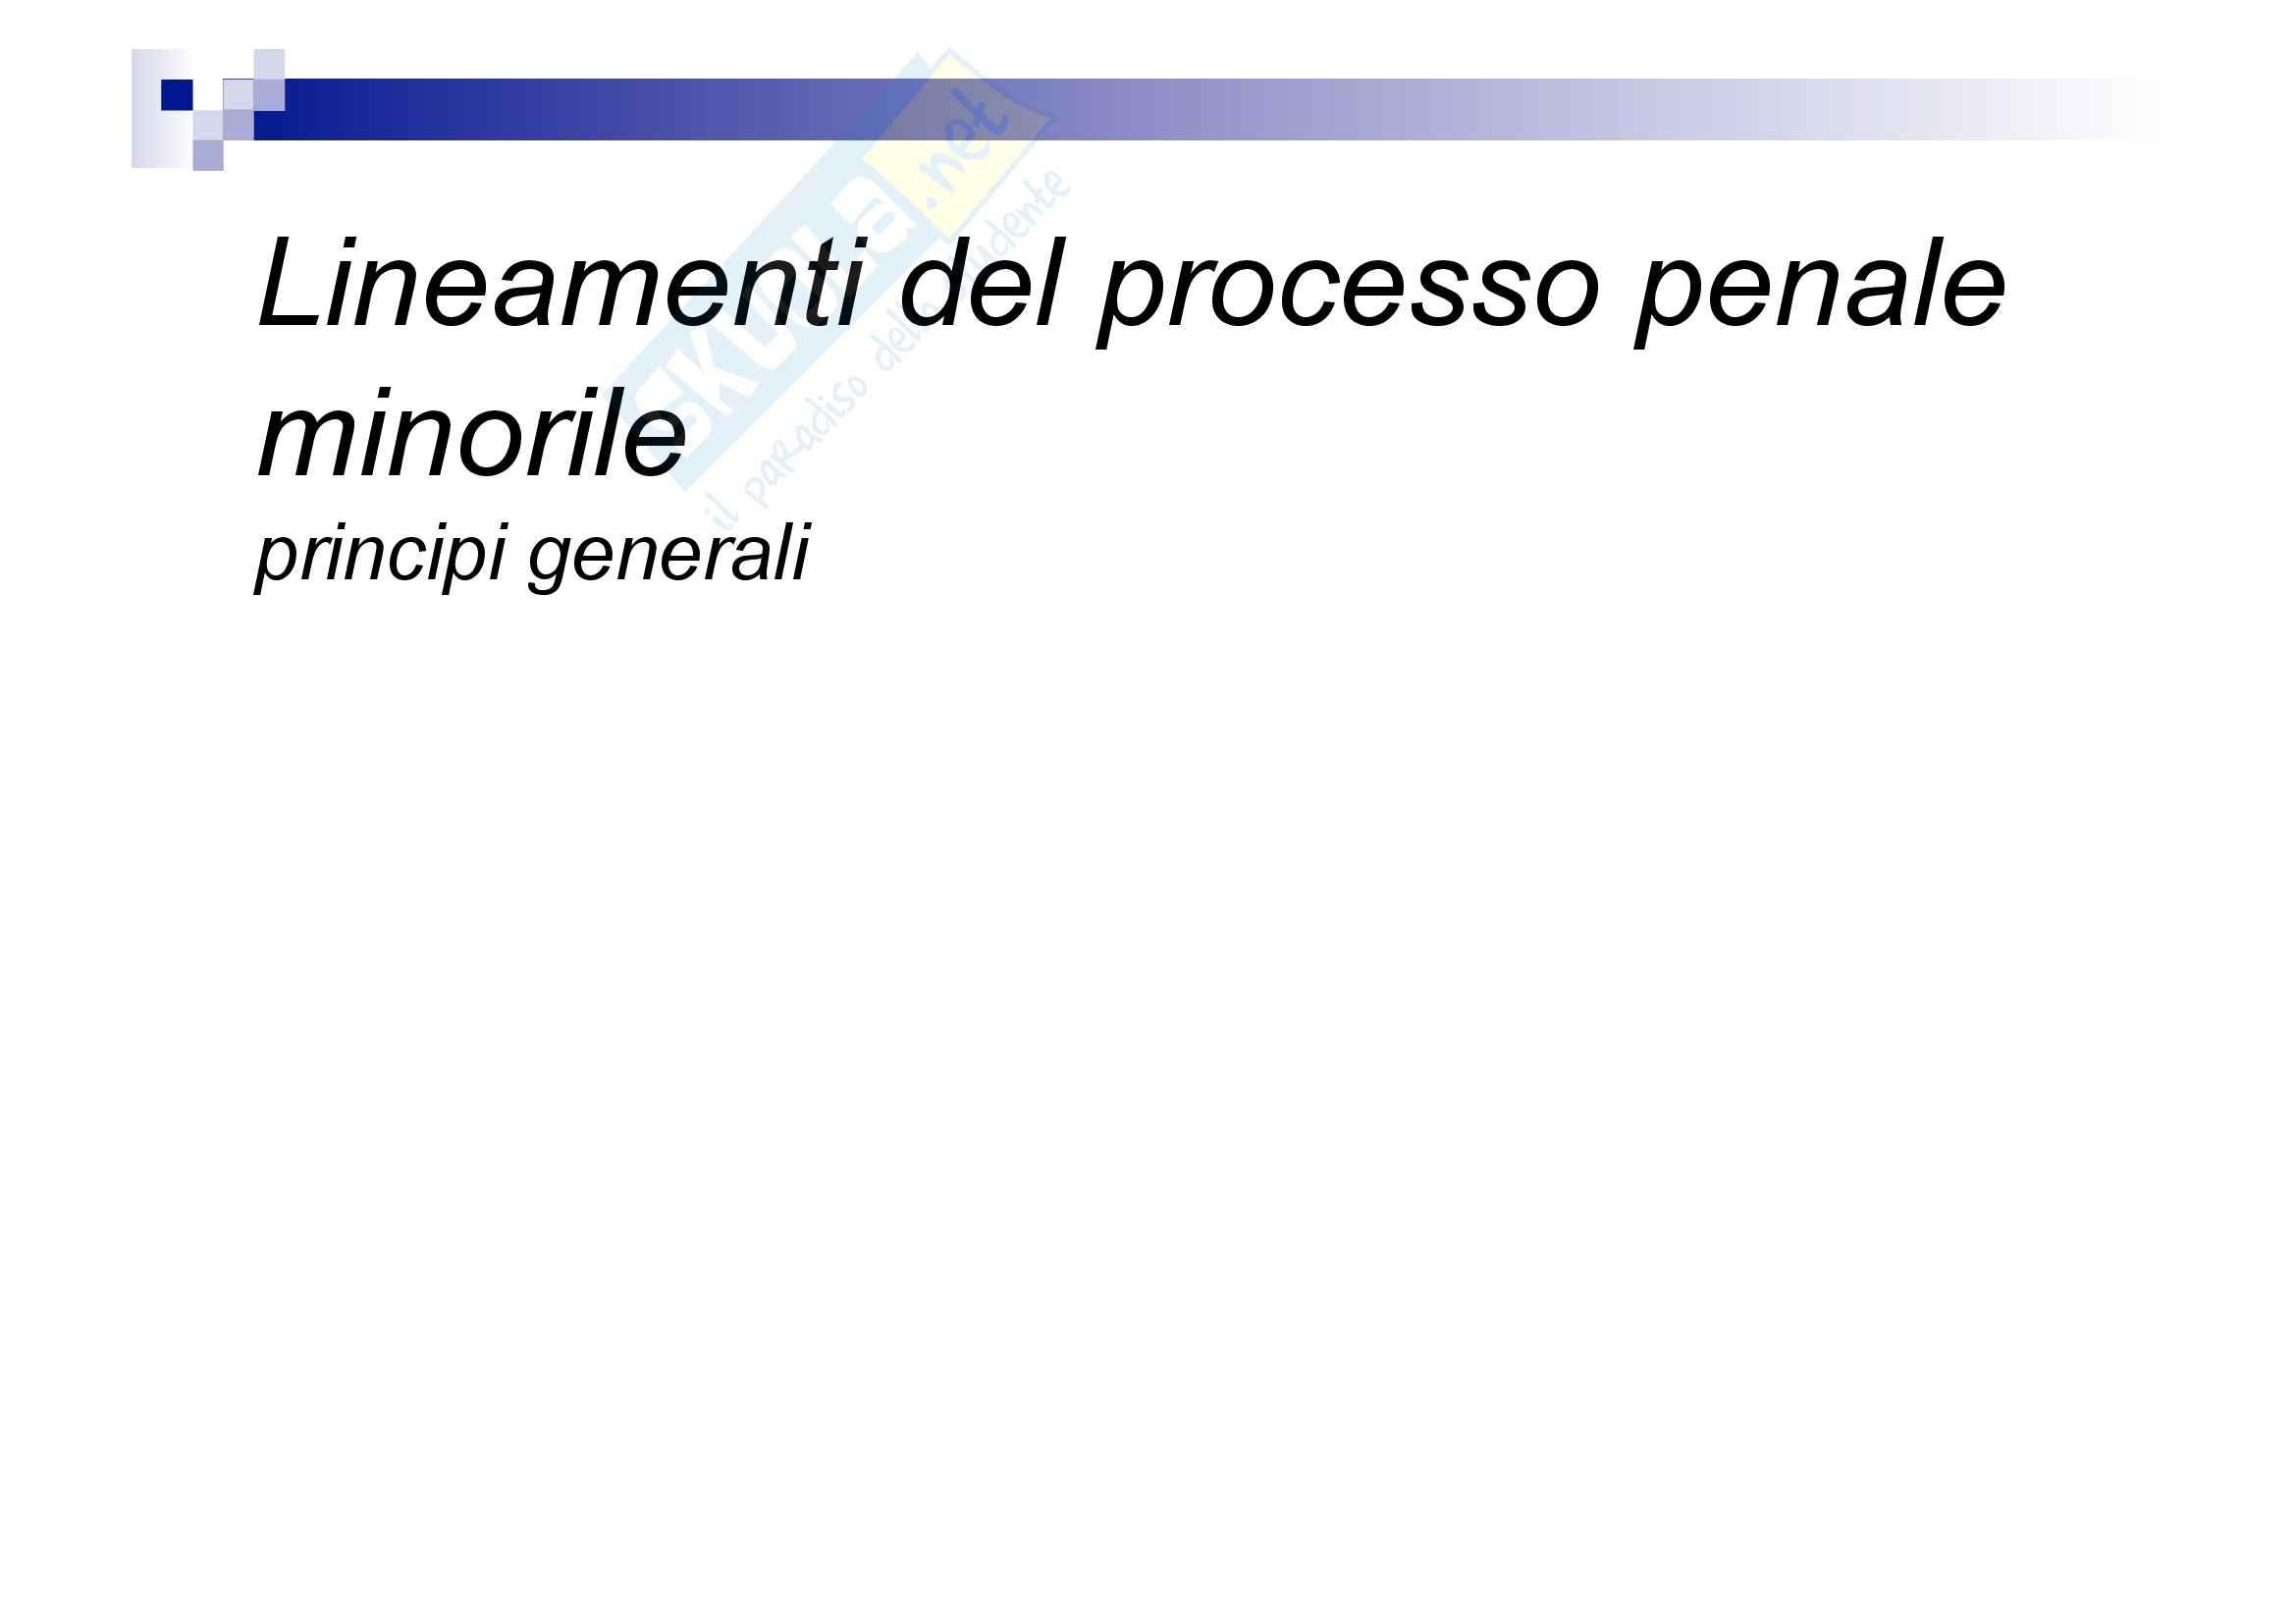 Processo penale minorile - elementi del processo penale minorile